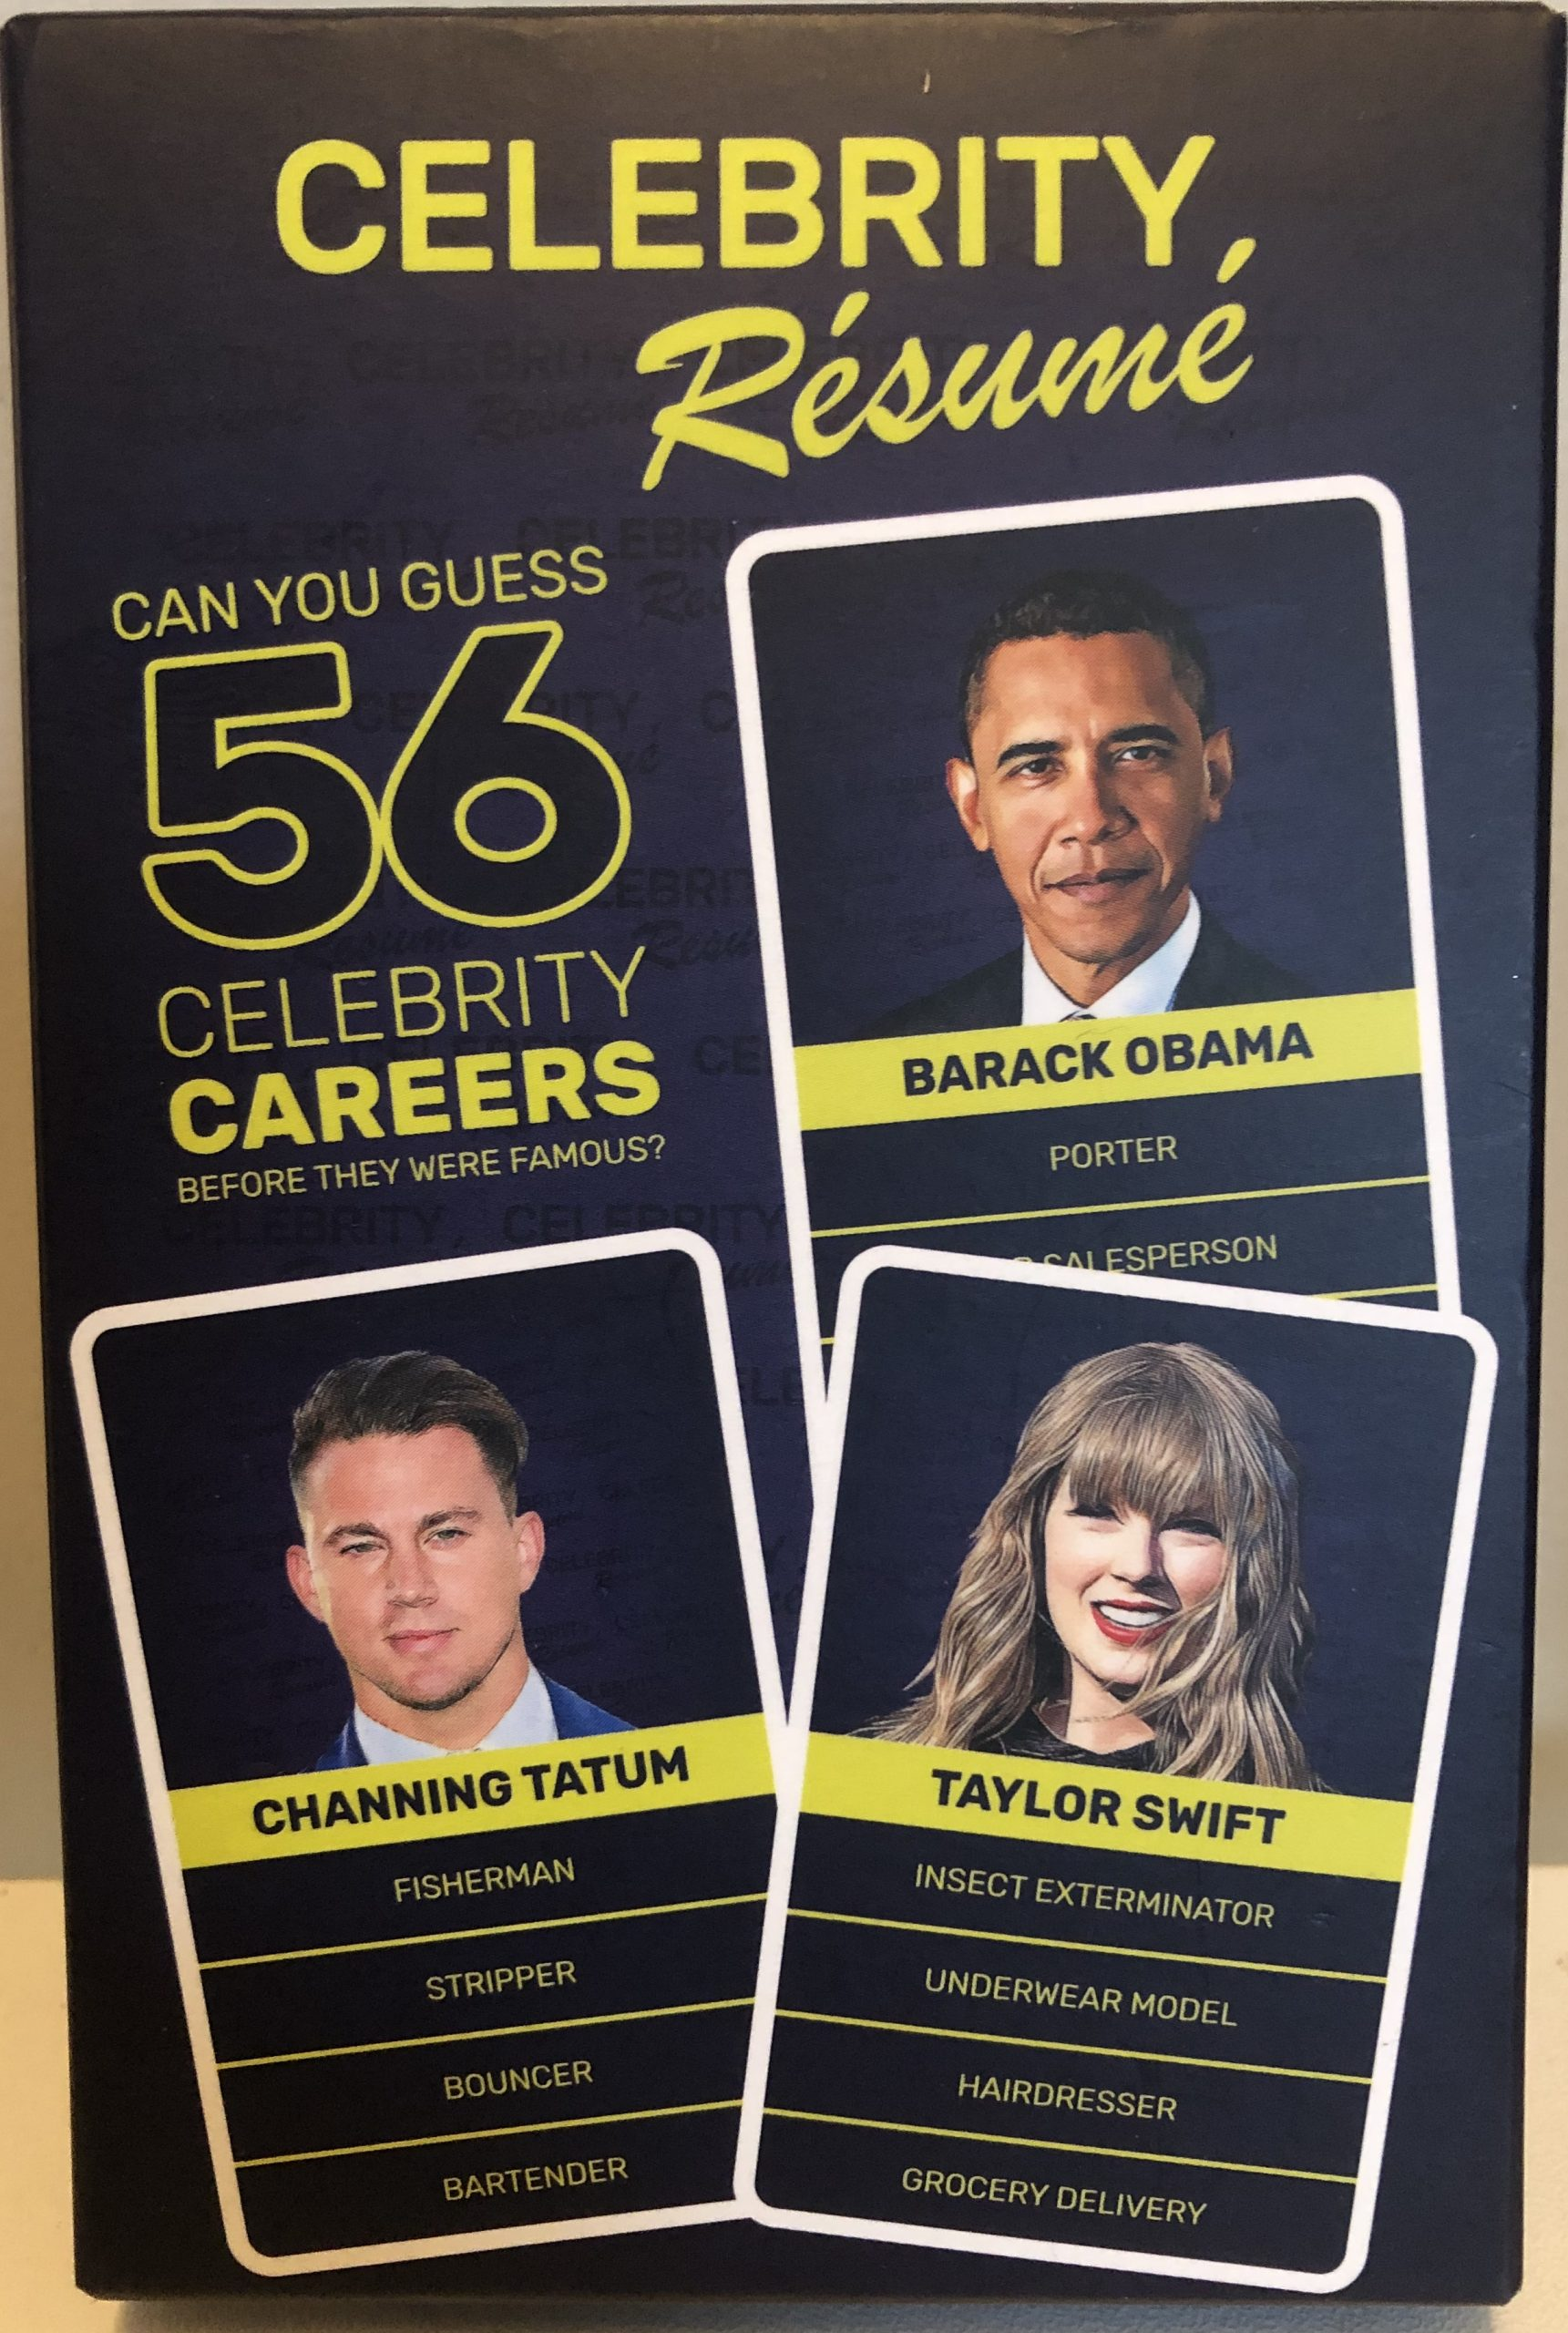 Celebrity CV game